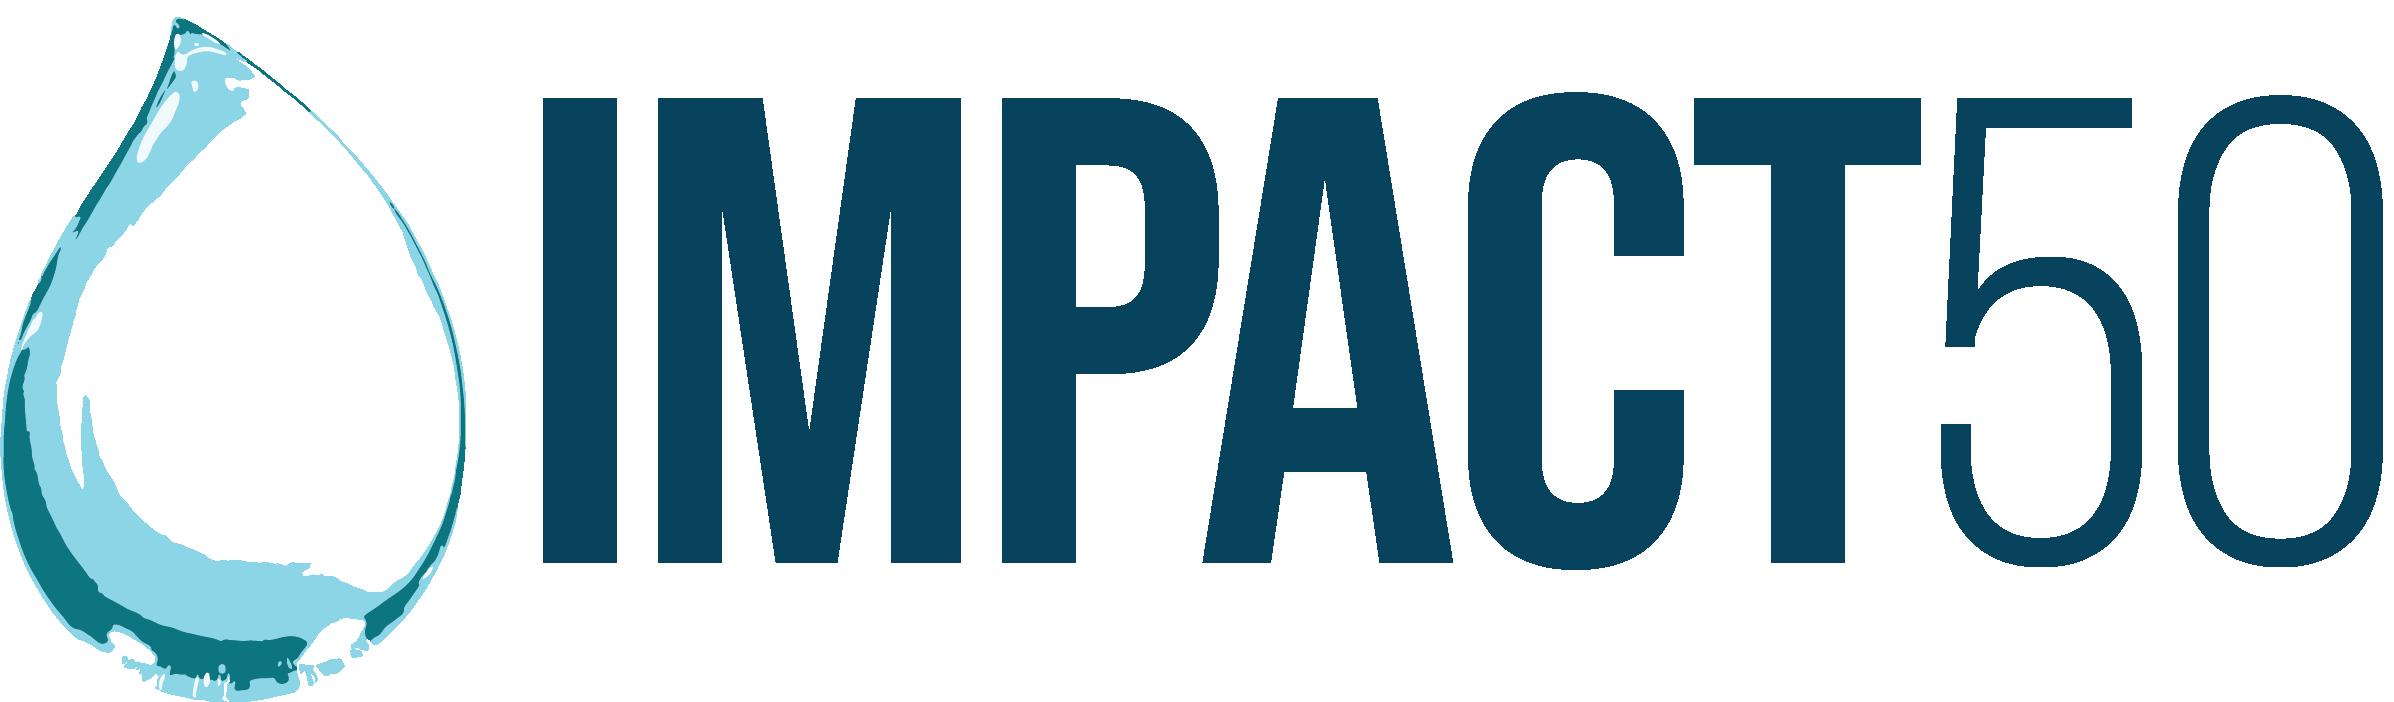 Impact50officiallogo.png